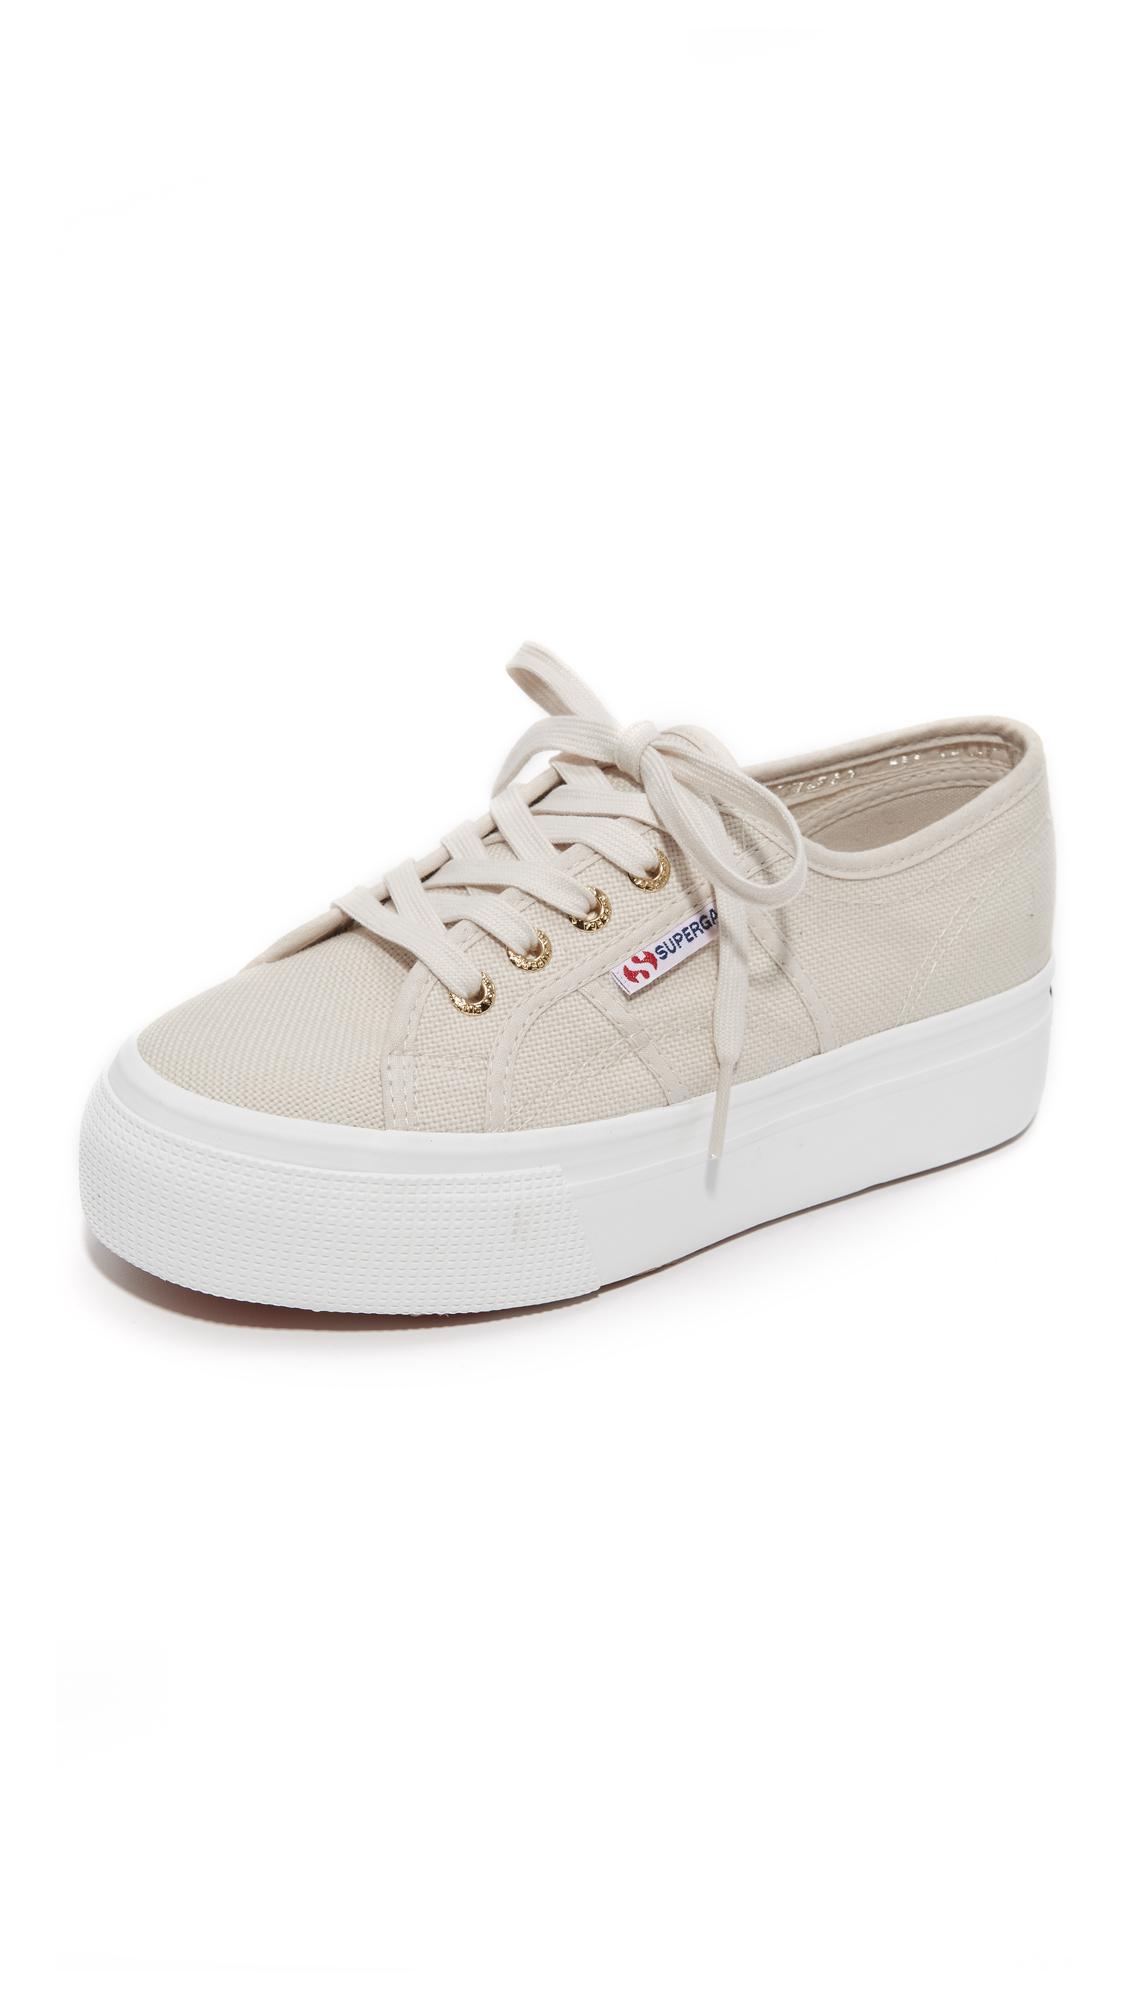 e6123585699 Superga 2790 Platform Sneakers